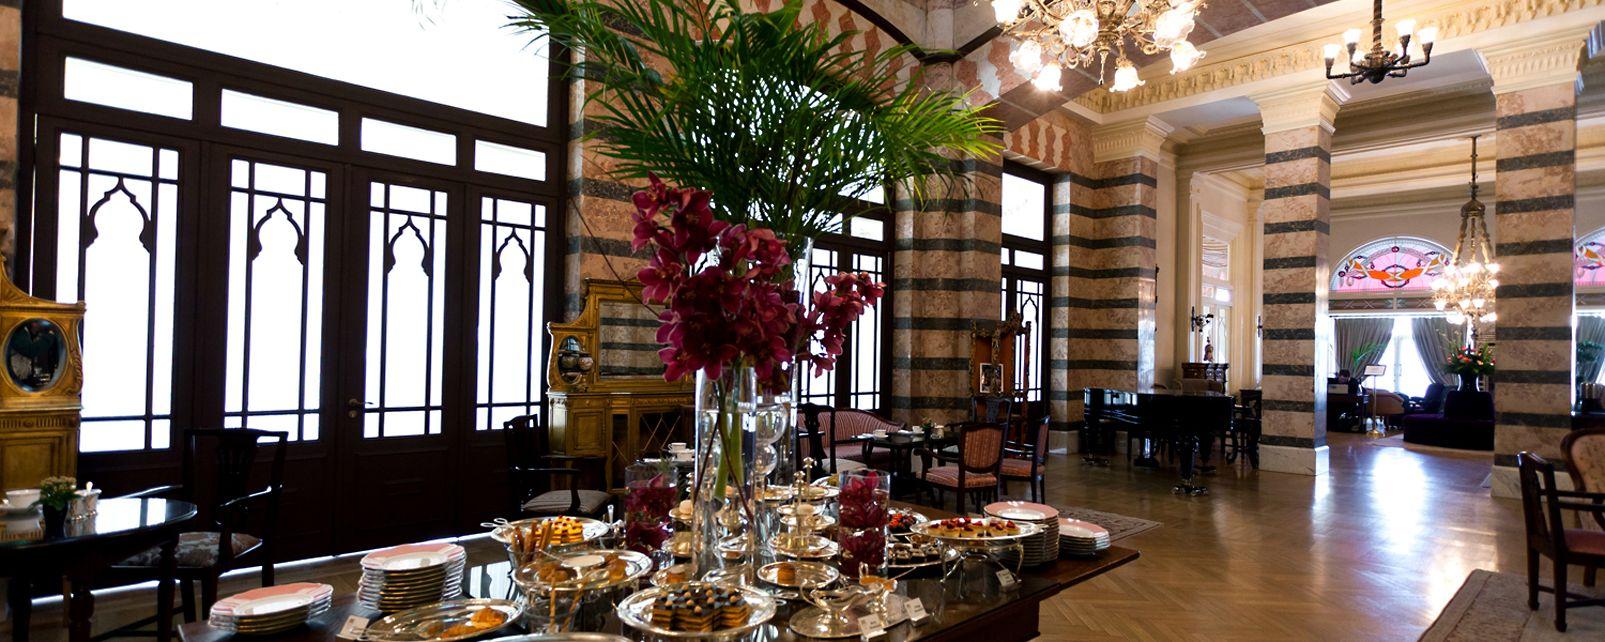 Hotel Pera Palace